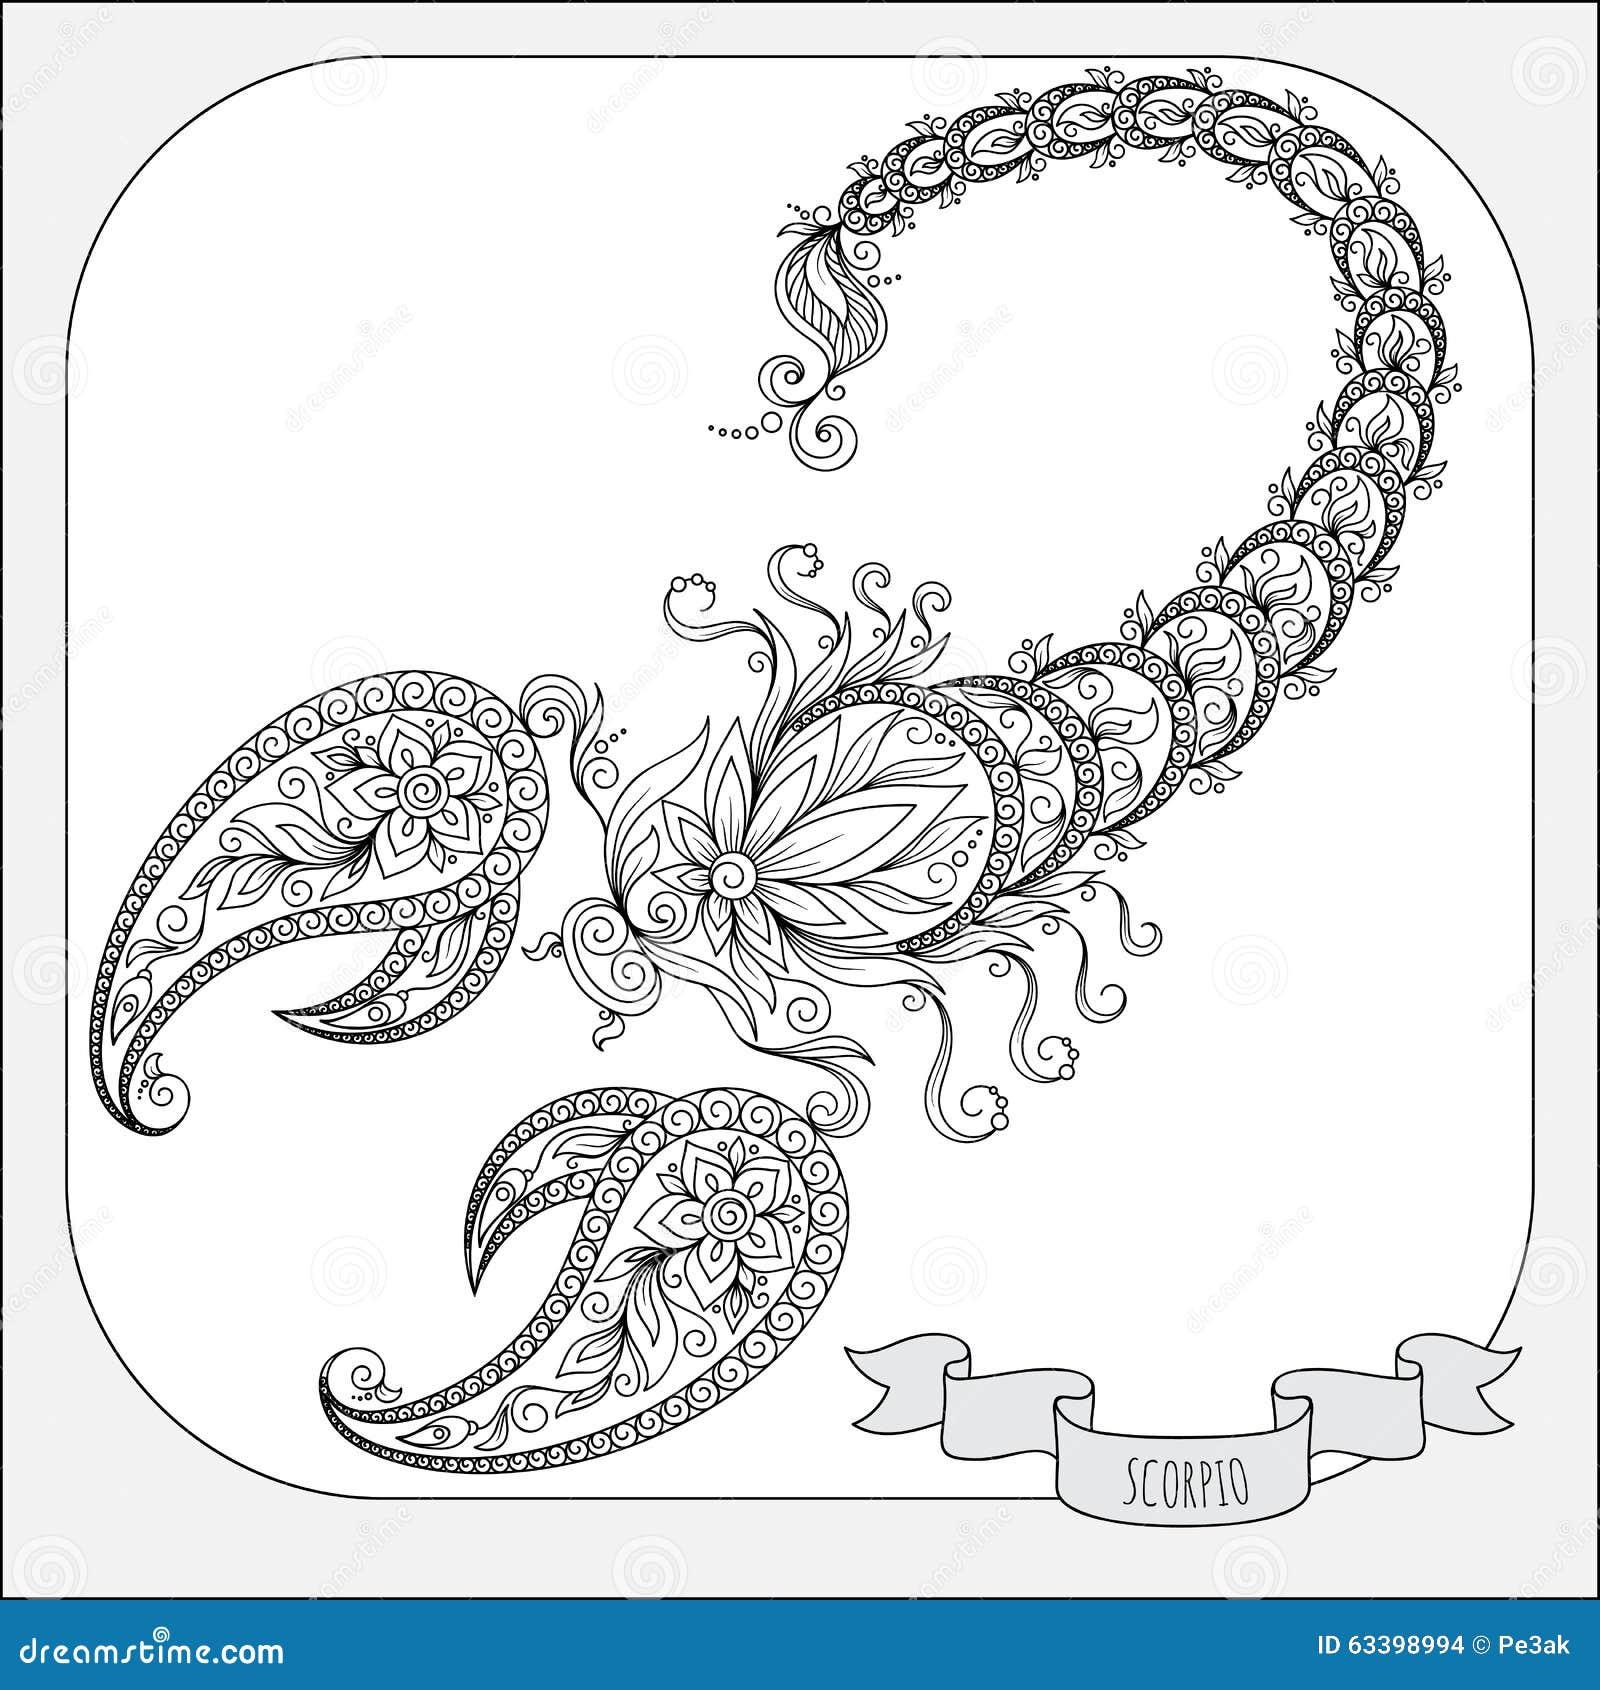 Zodiac Line Art : Hand drawn pattern for coloring book zodiac scorpio stock